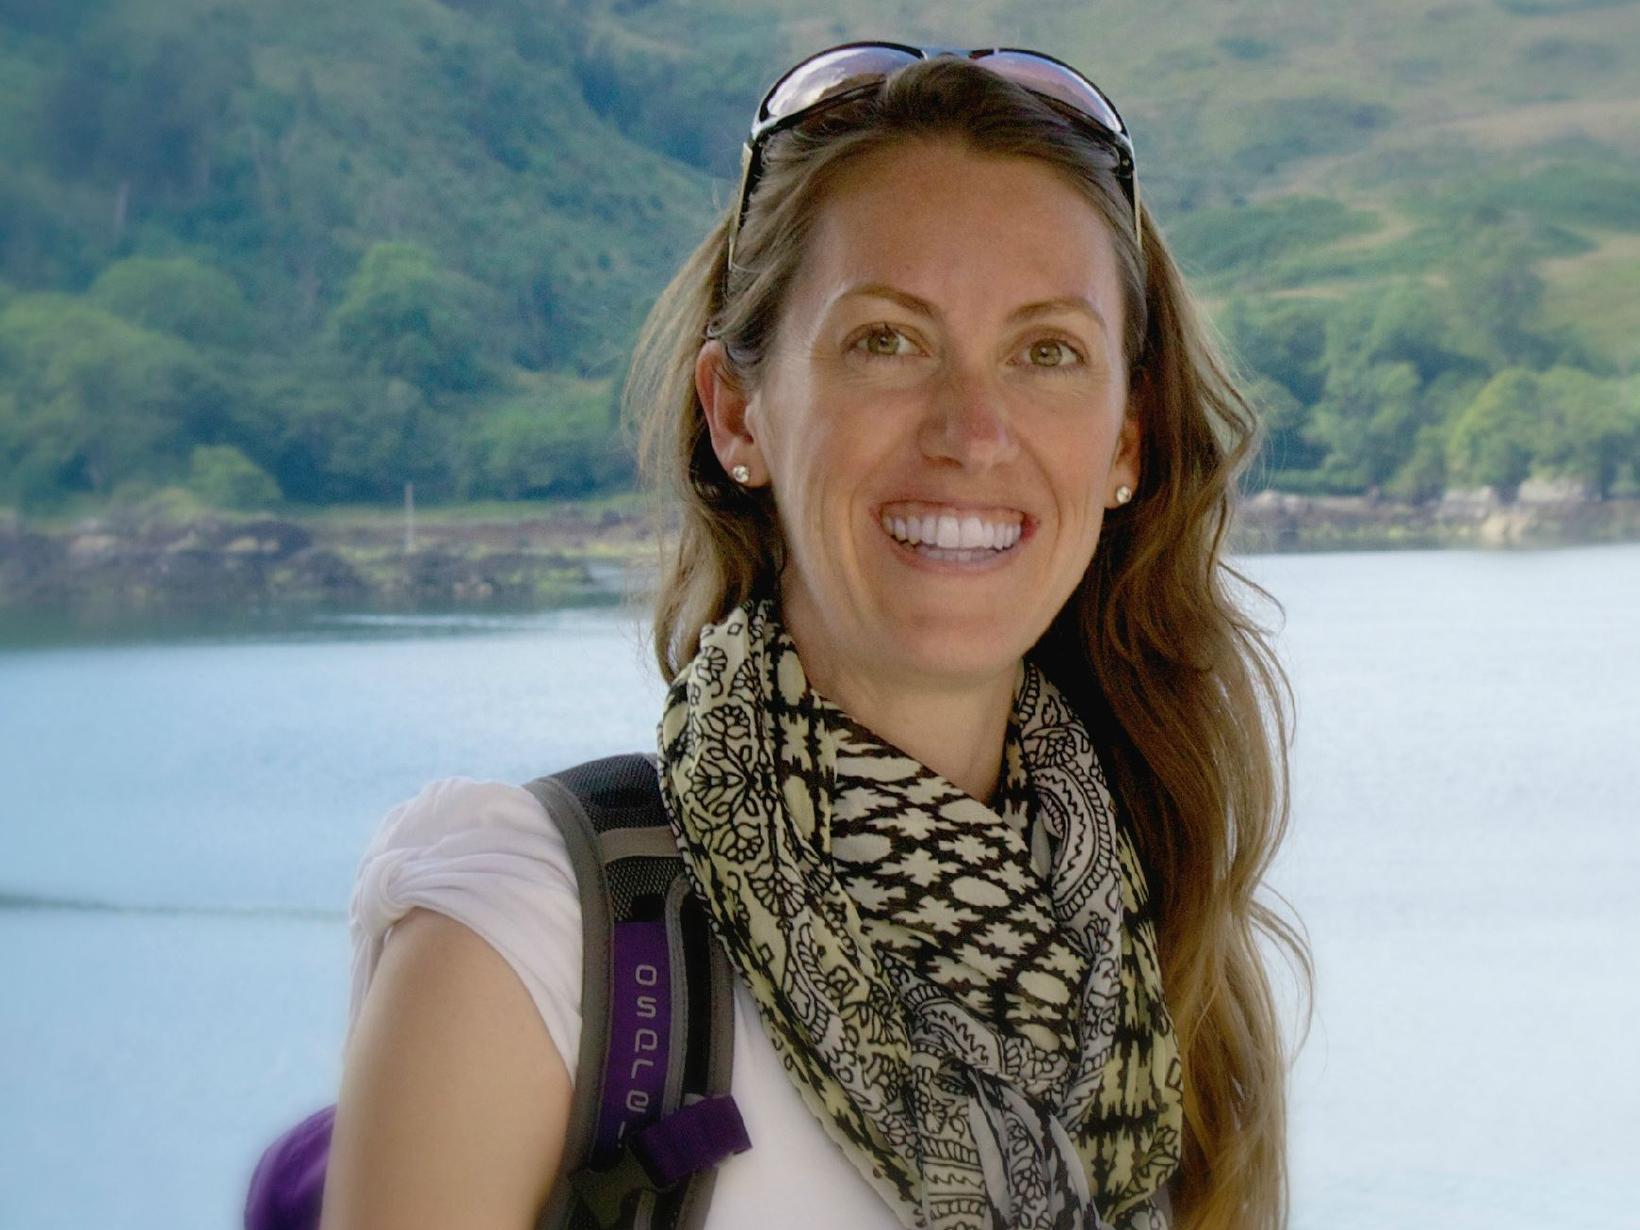 Kirsty from Brisbane, Queensland, Australia